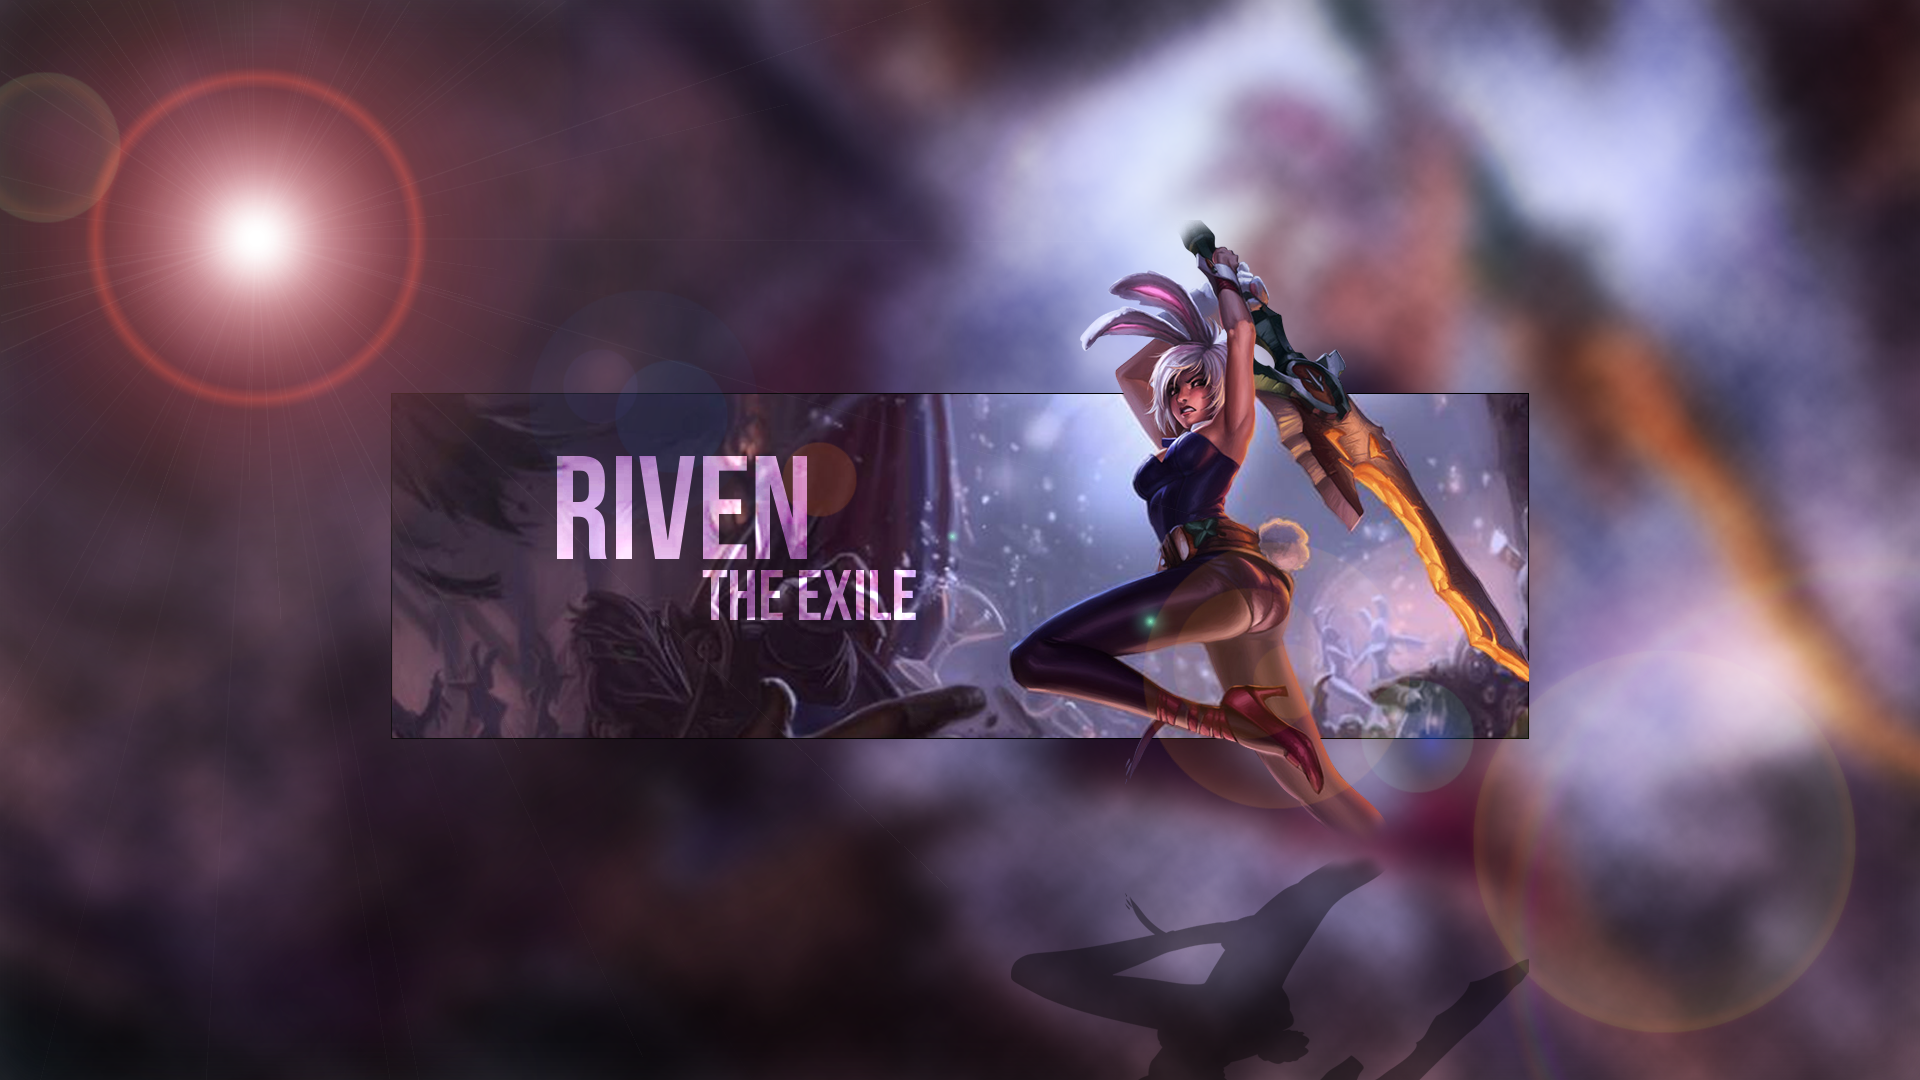 Battle Bunny Riven Fan Art - League of Legends WallpapersBunny Riven Fan Art